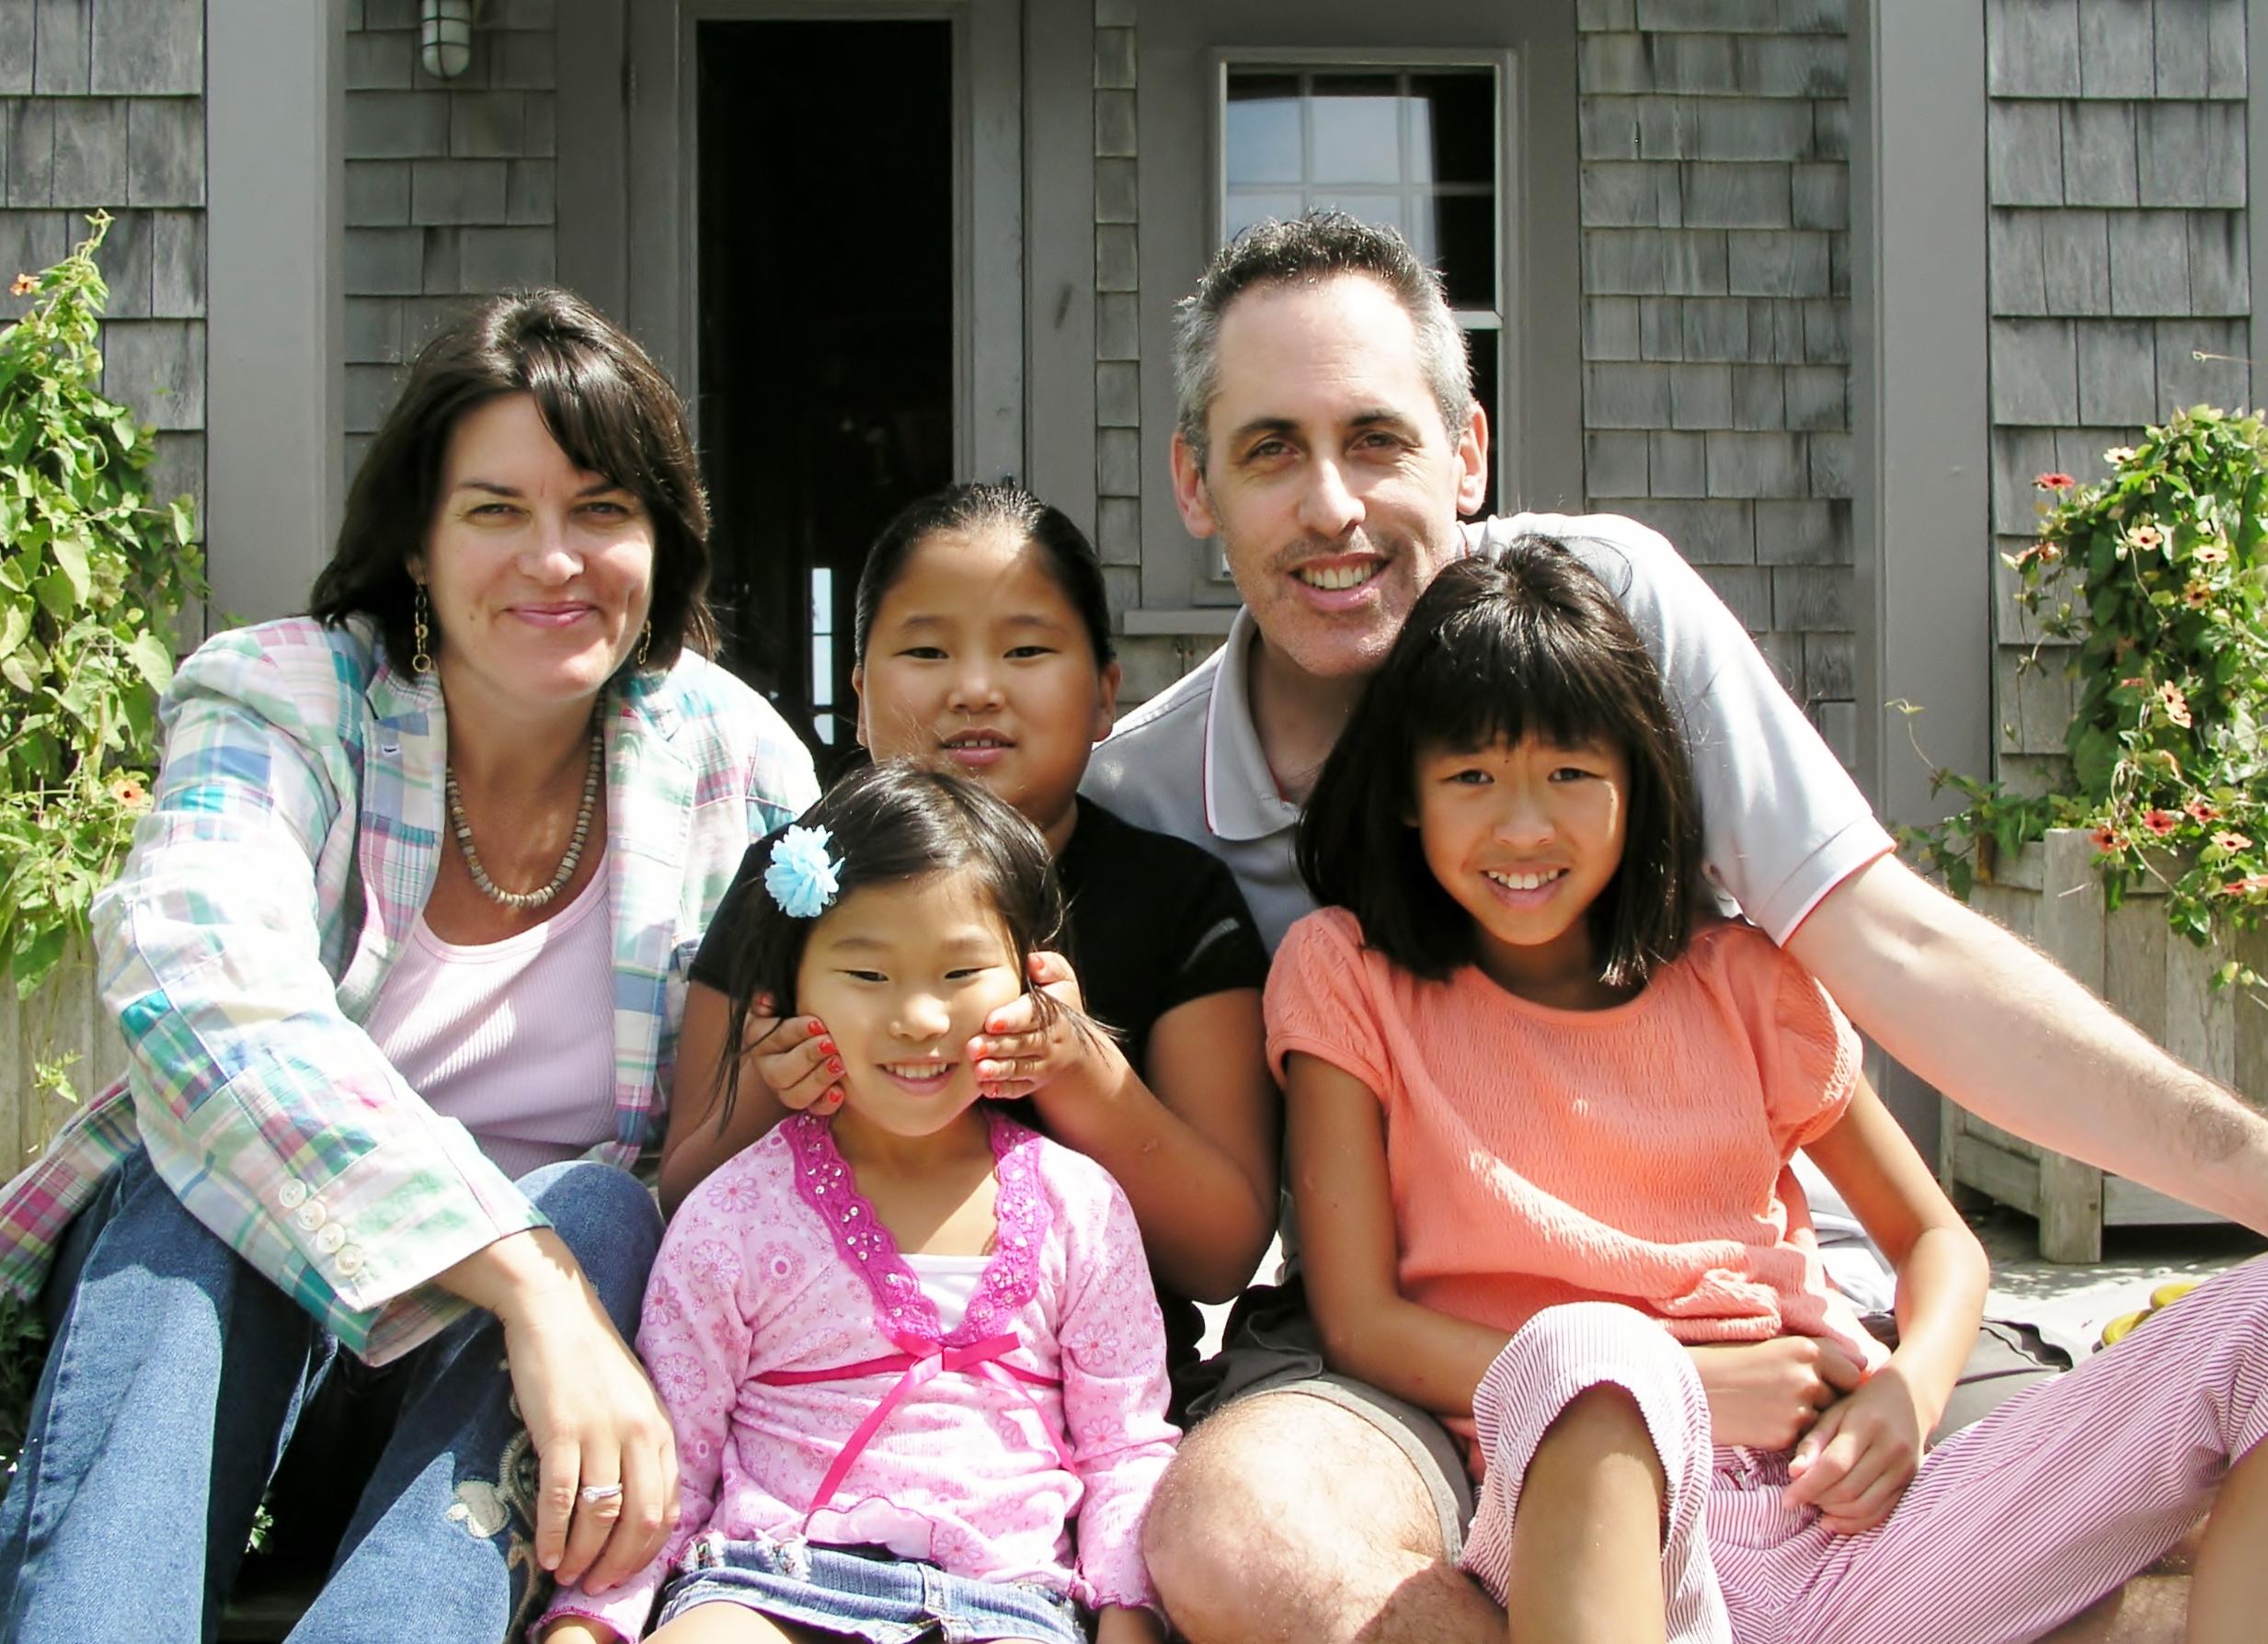 Semel Family